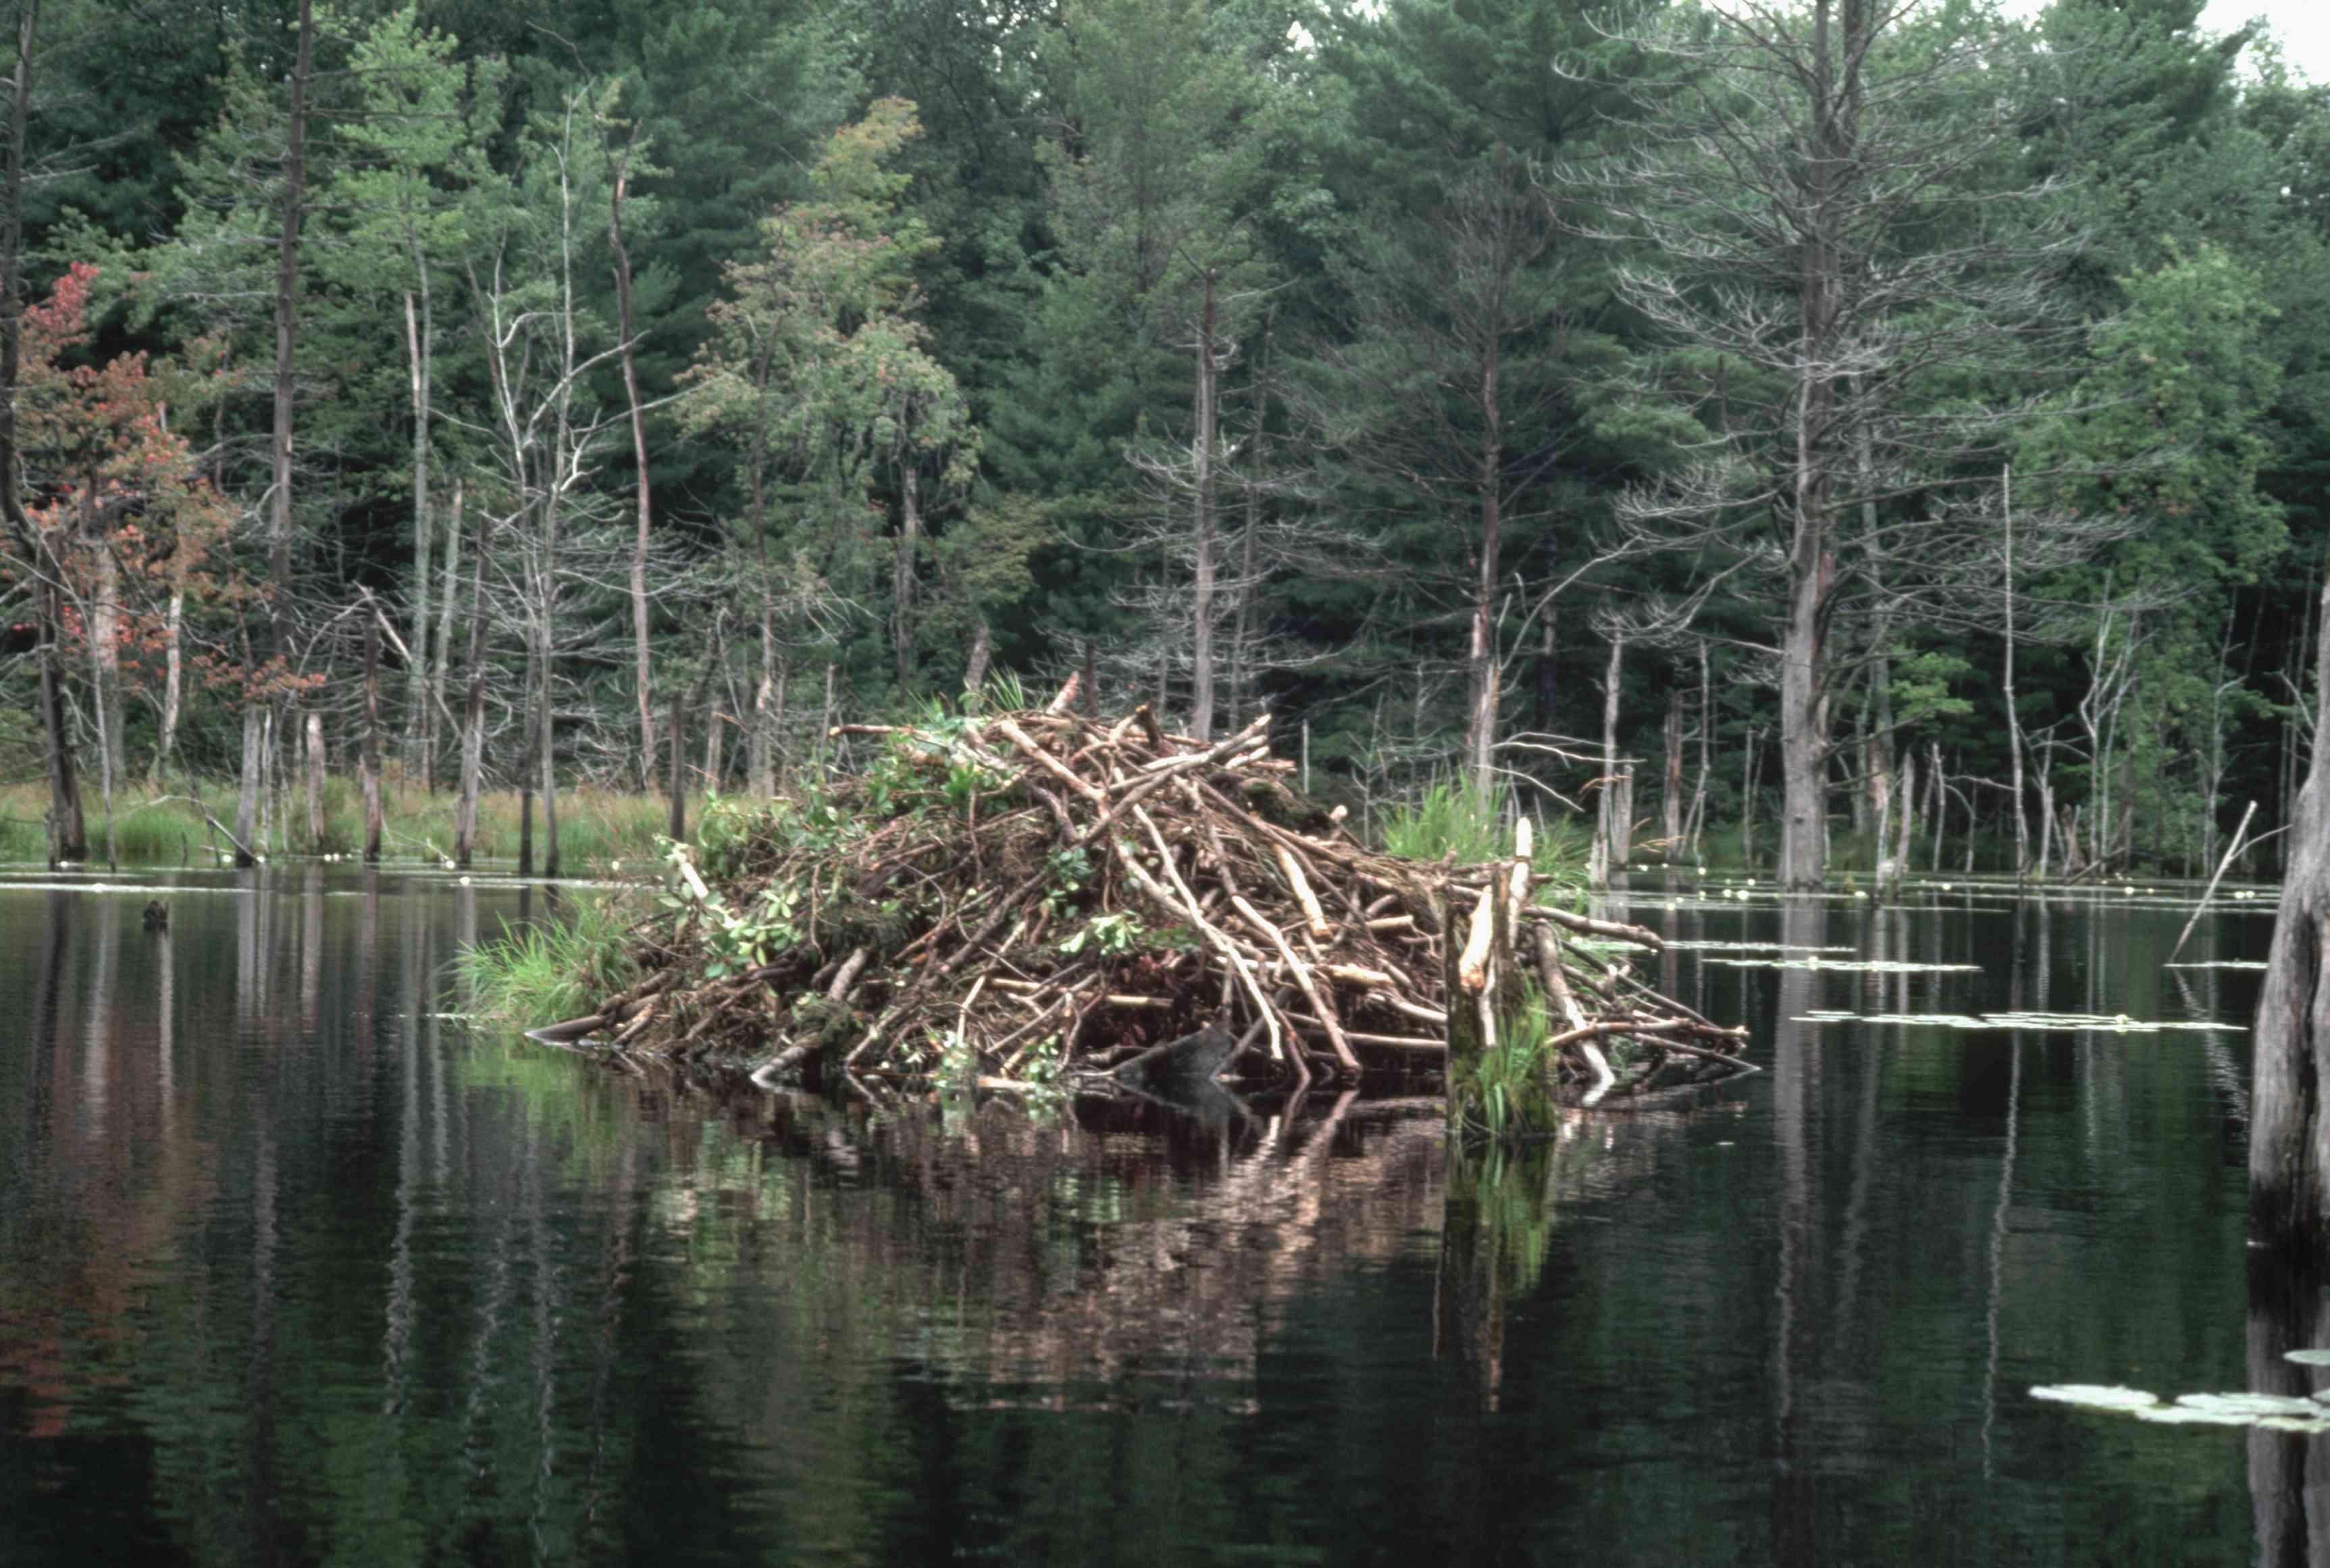 beaver lodge in lake